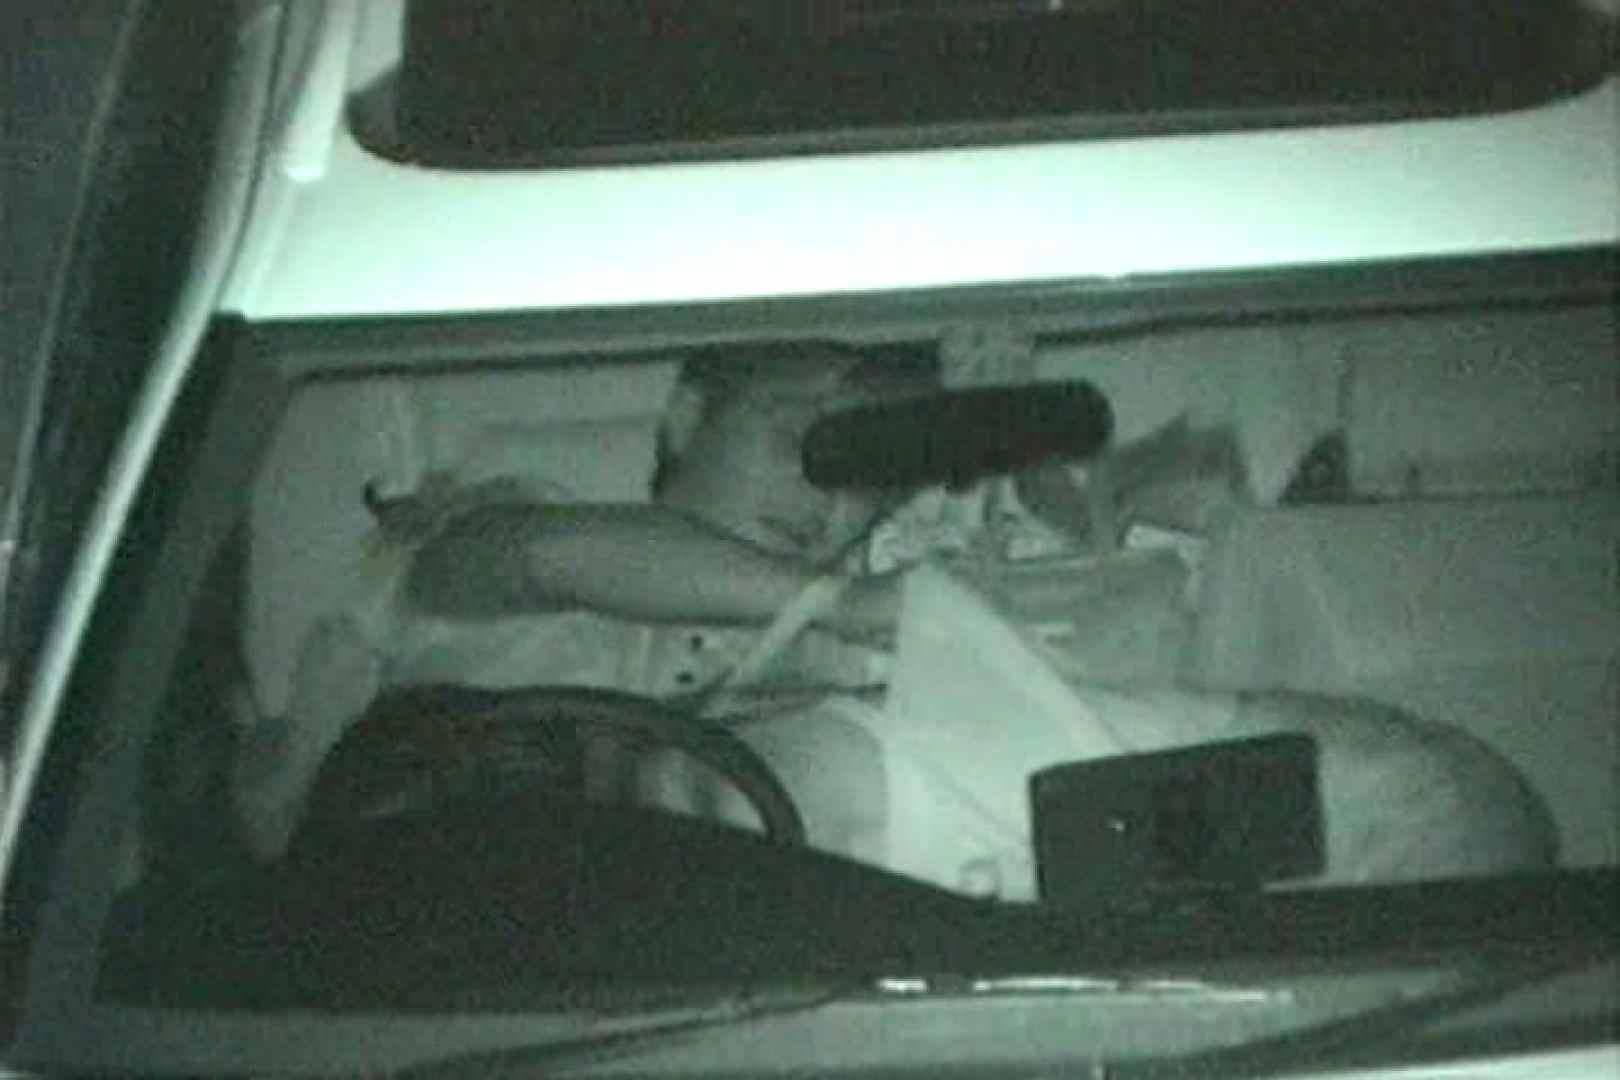 車の中はラブホテル 無修正版  Vol.24 カップル盗撮 ワレメ動画紹介 102画像 47